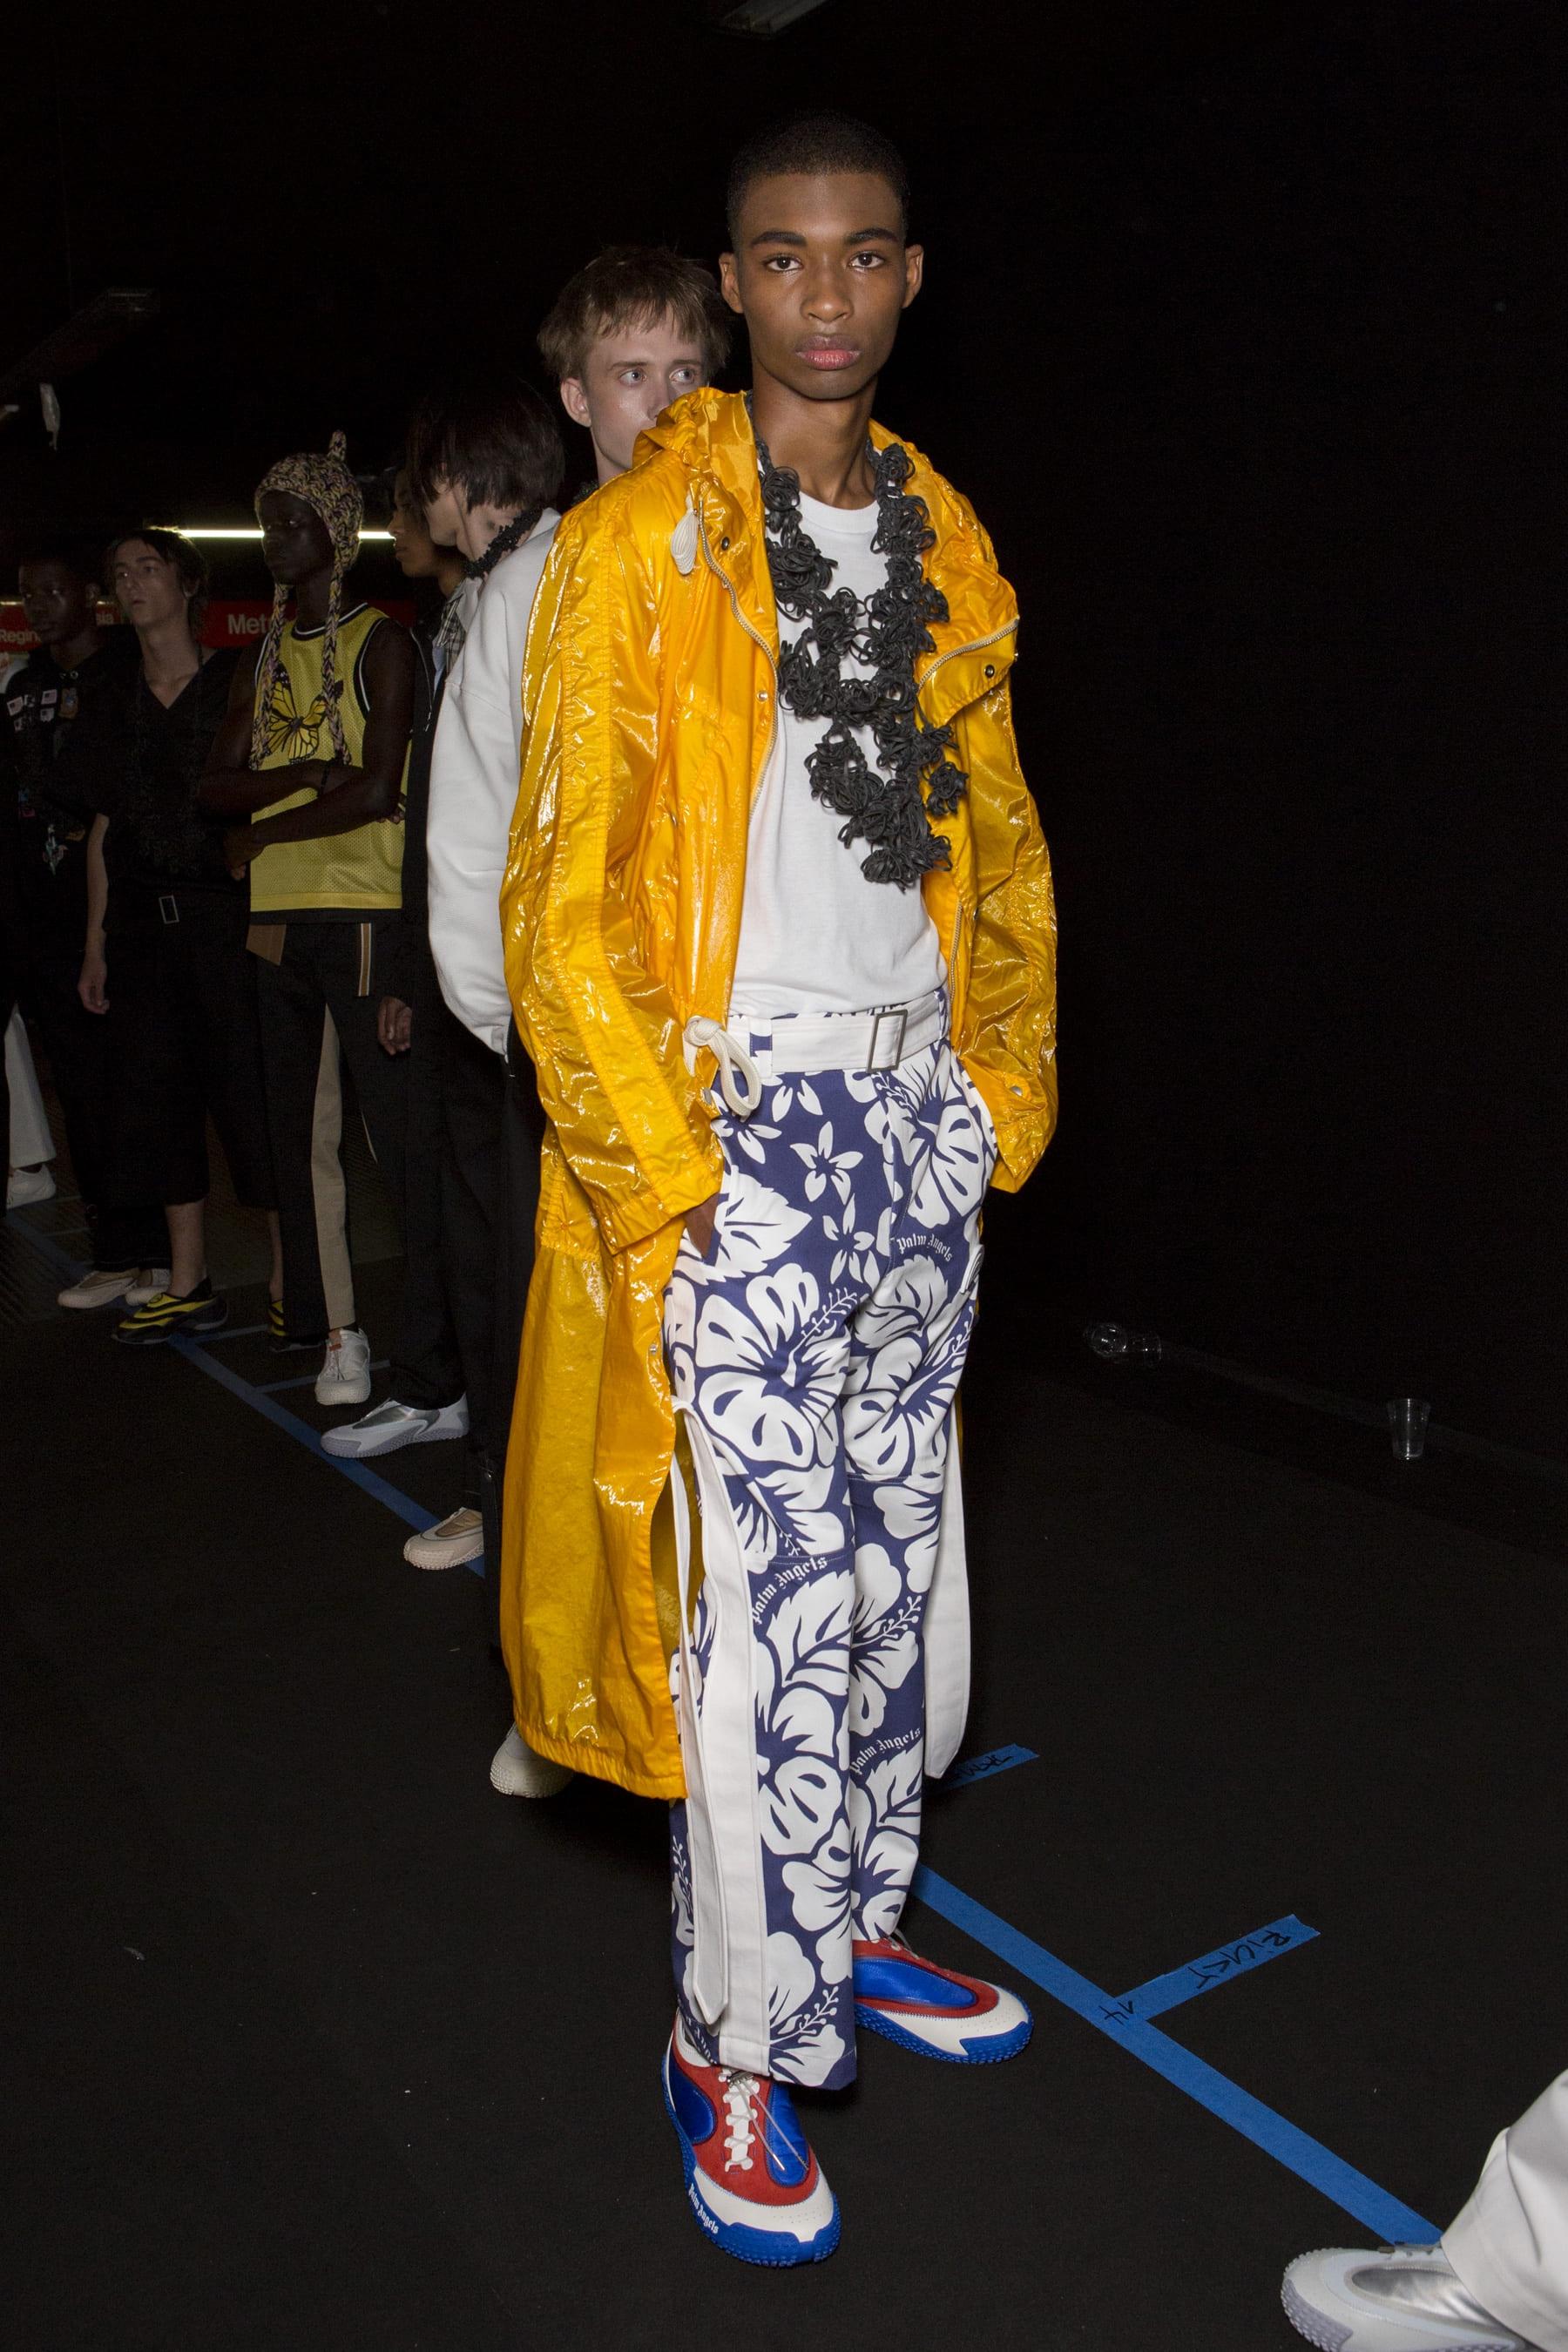 Франческо Рагацци представил новую коллекцию Palm Angels Spring/Summer 2020 Menswear